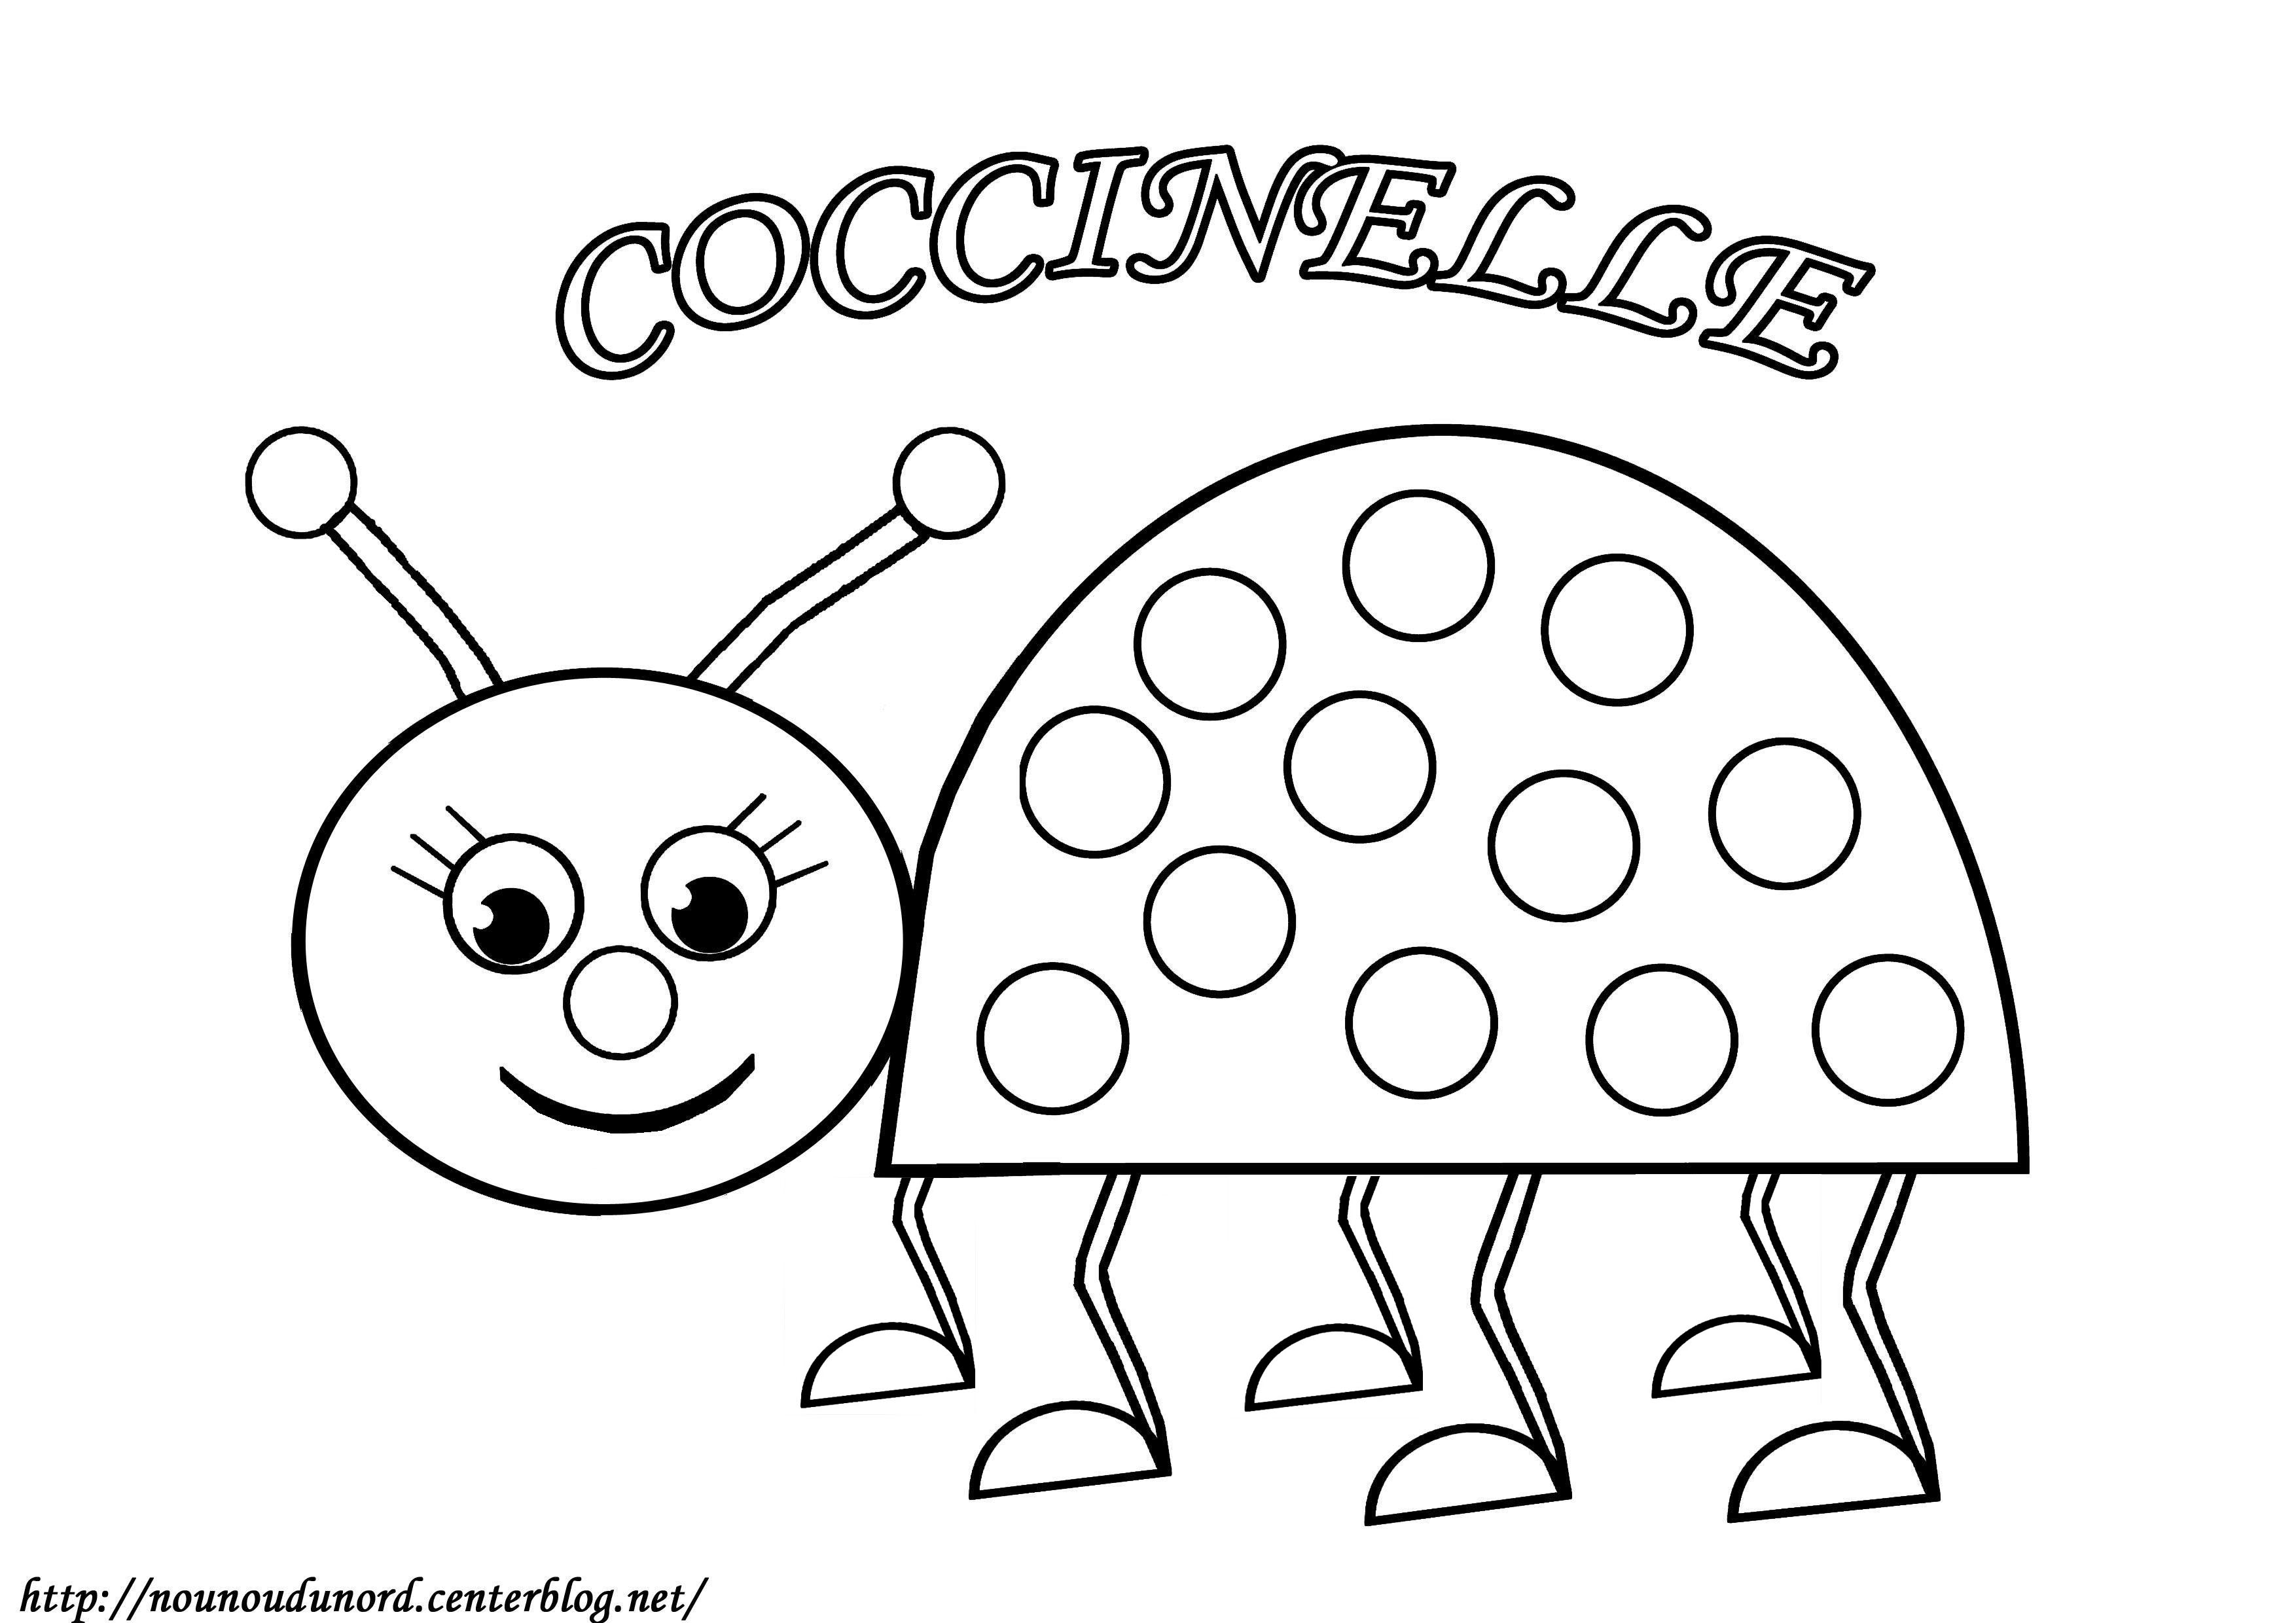 Coloriage Coccinelle Et Papillon.Coloriages A Imprimer Coccinelle Numero 19d97915